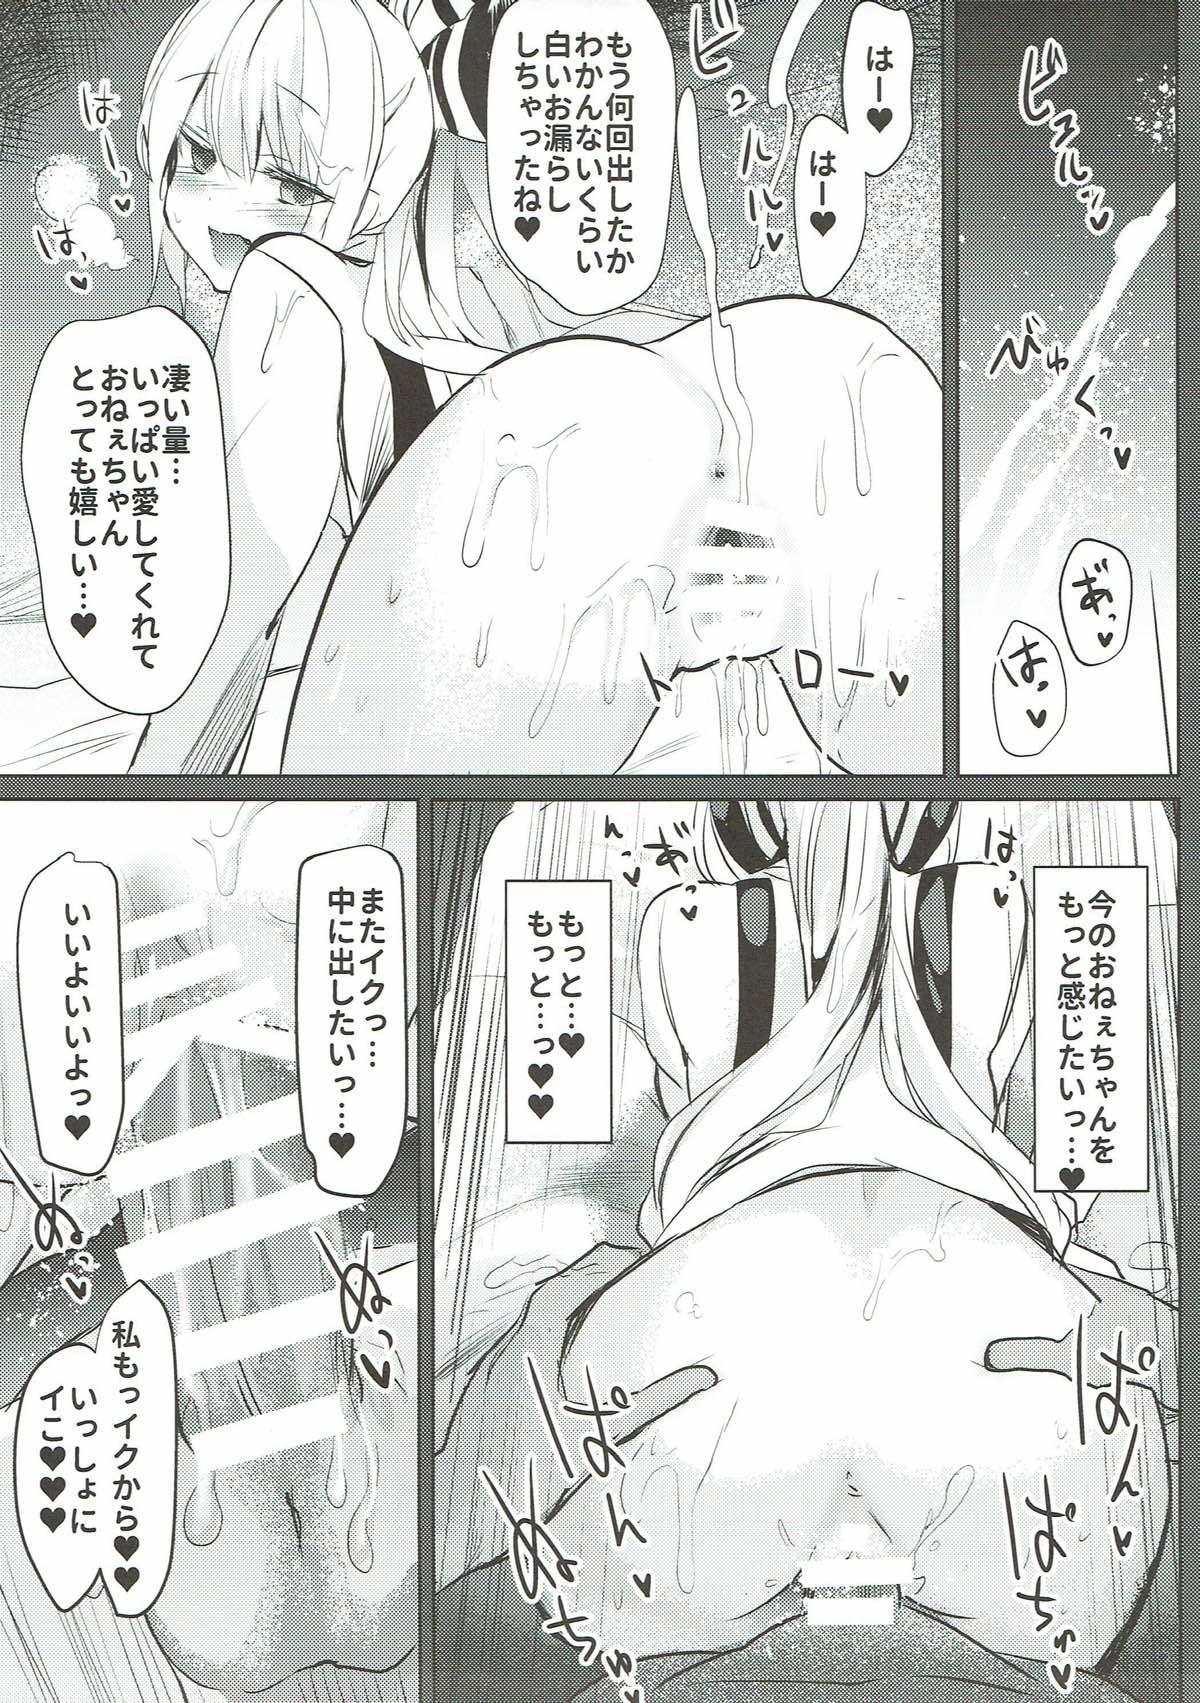 【東方 エロ漫画・エロ同人】妹紅がショタとよしよしおねショタセックスwwwwwwwwwwww (14)